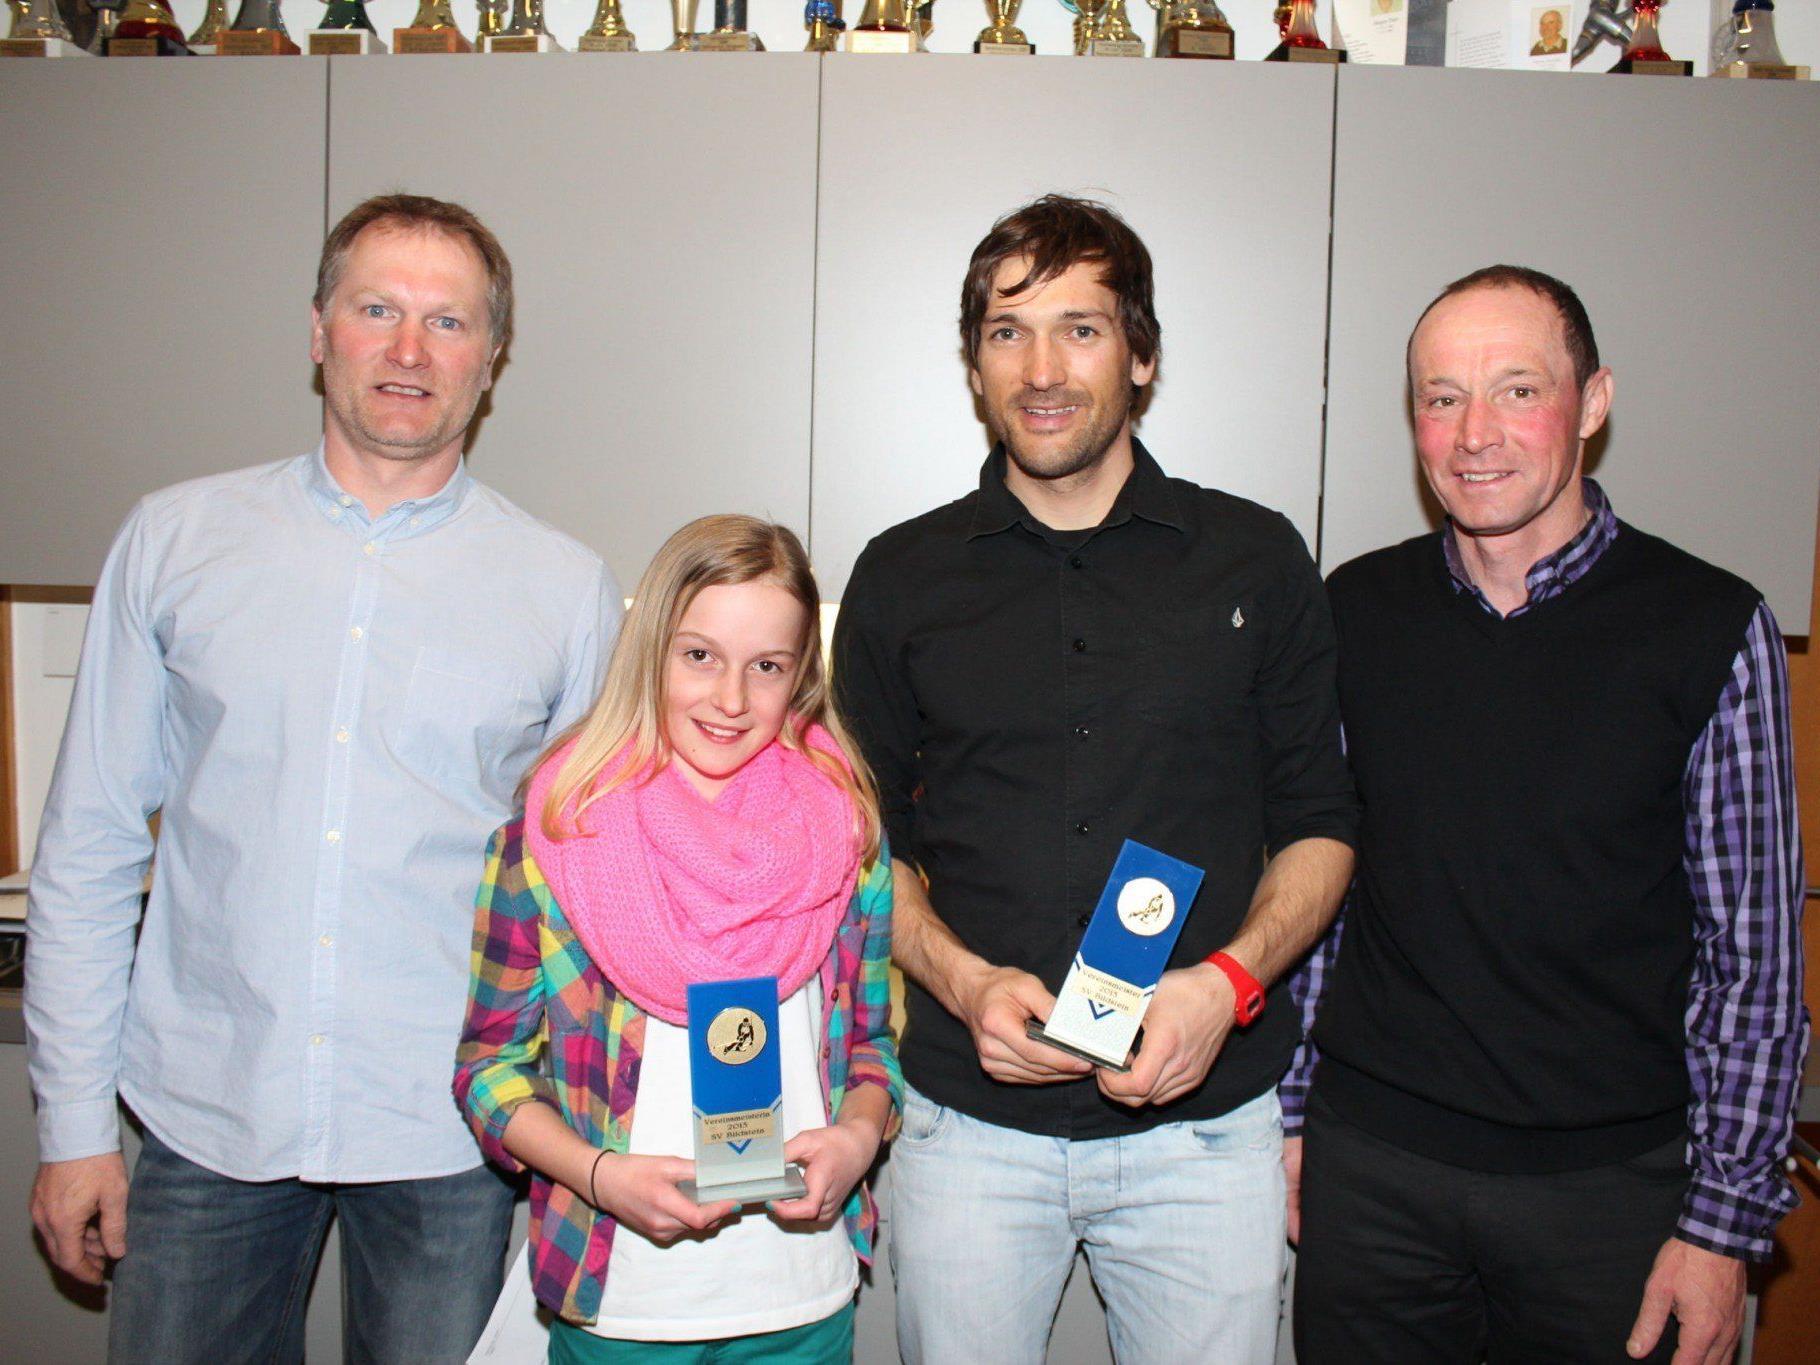 Die Vereinsmeister Alina Visintainer und Andreas Staudacher mit Elfried Winder und Wolfgang Greif.